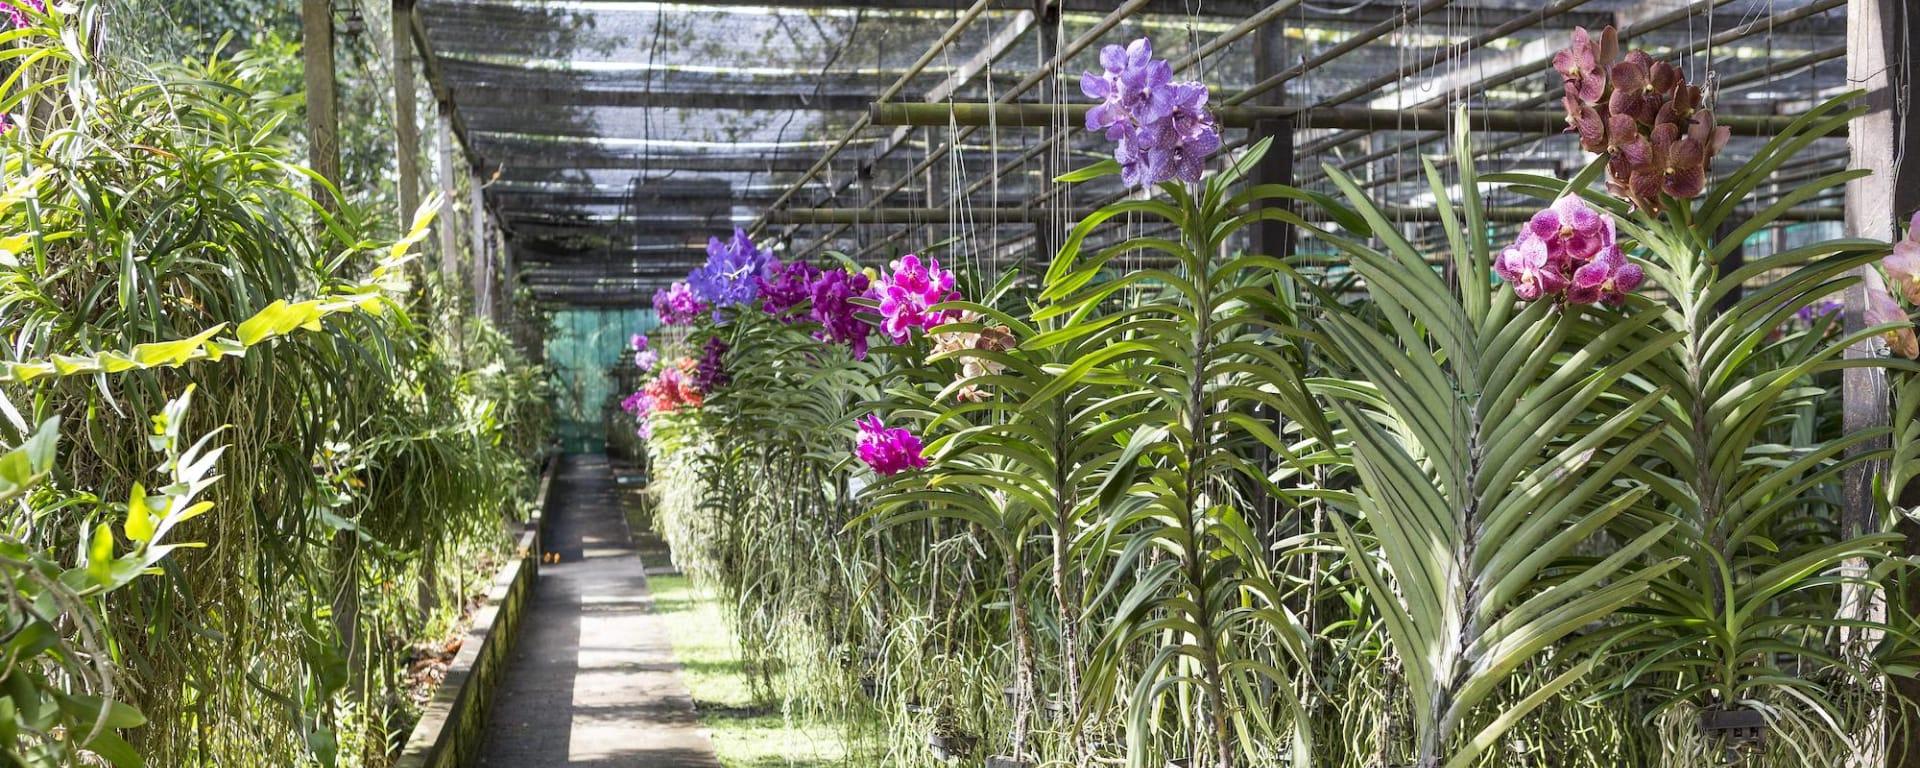 Tribus montagnardes & orchidées à Chiang Mai: Orchid Farm